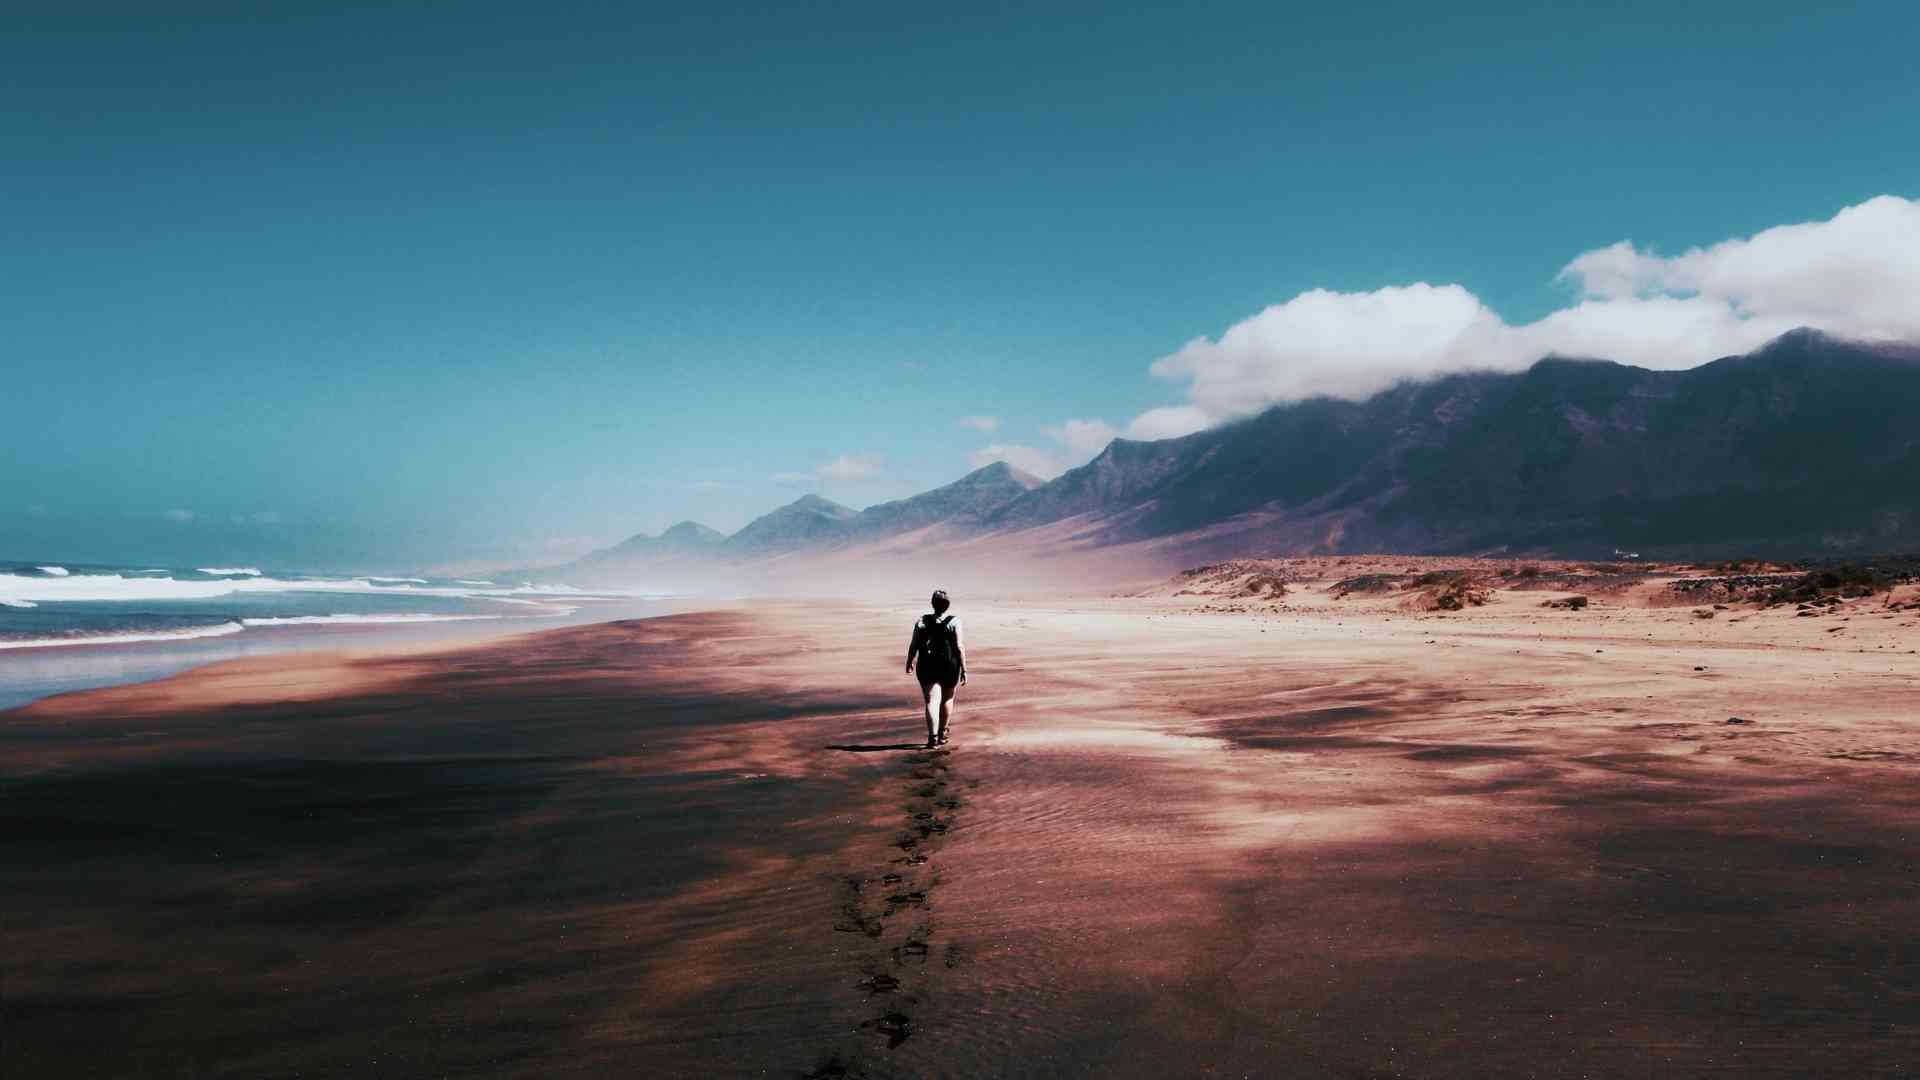 frasi sulla solitudine